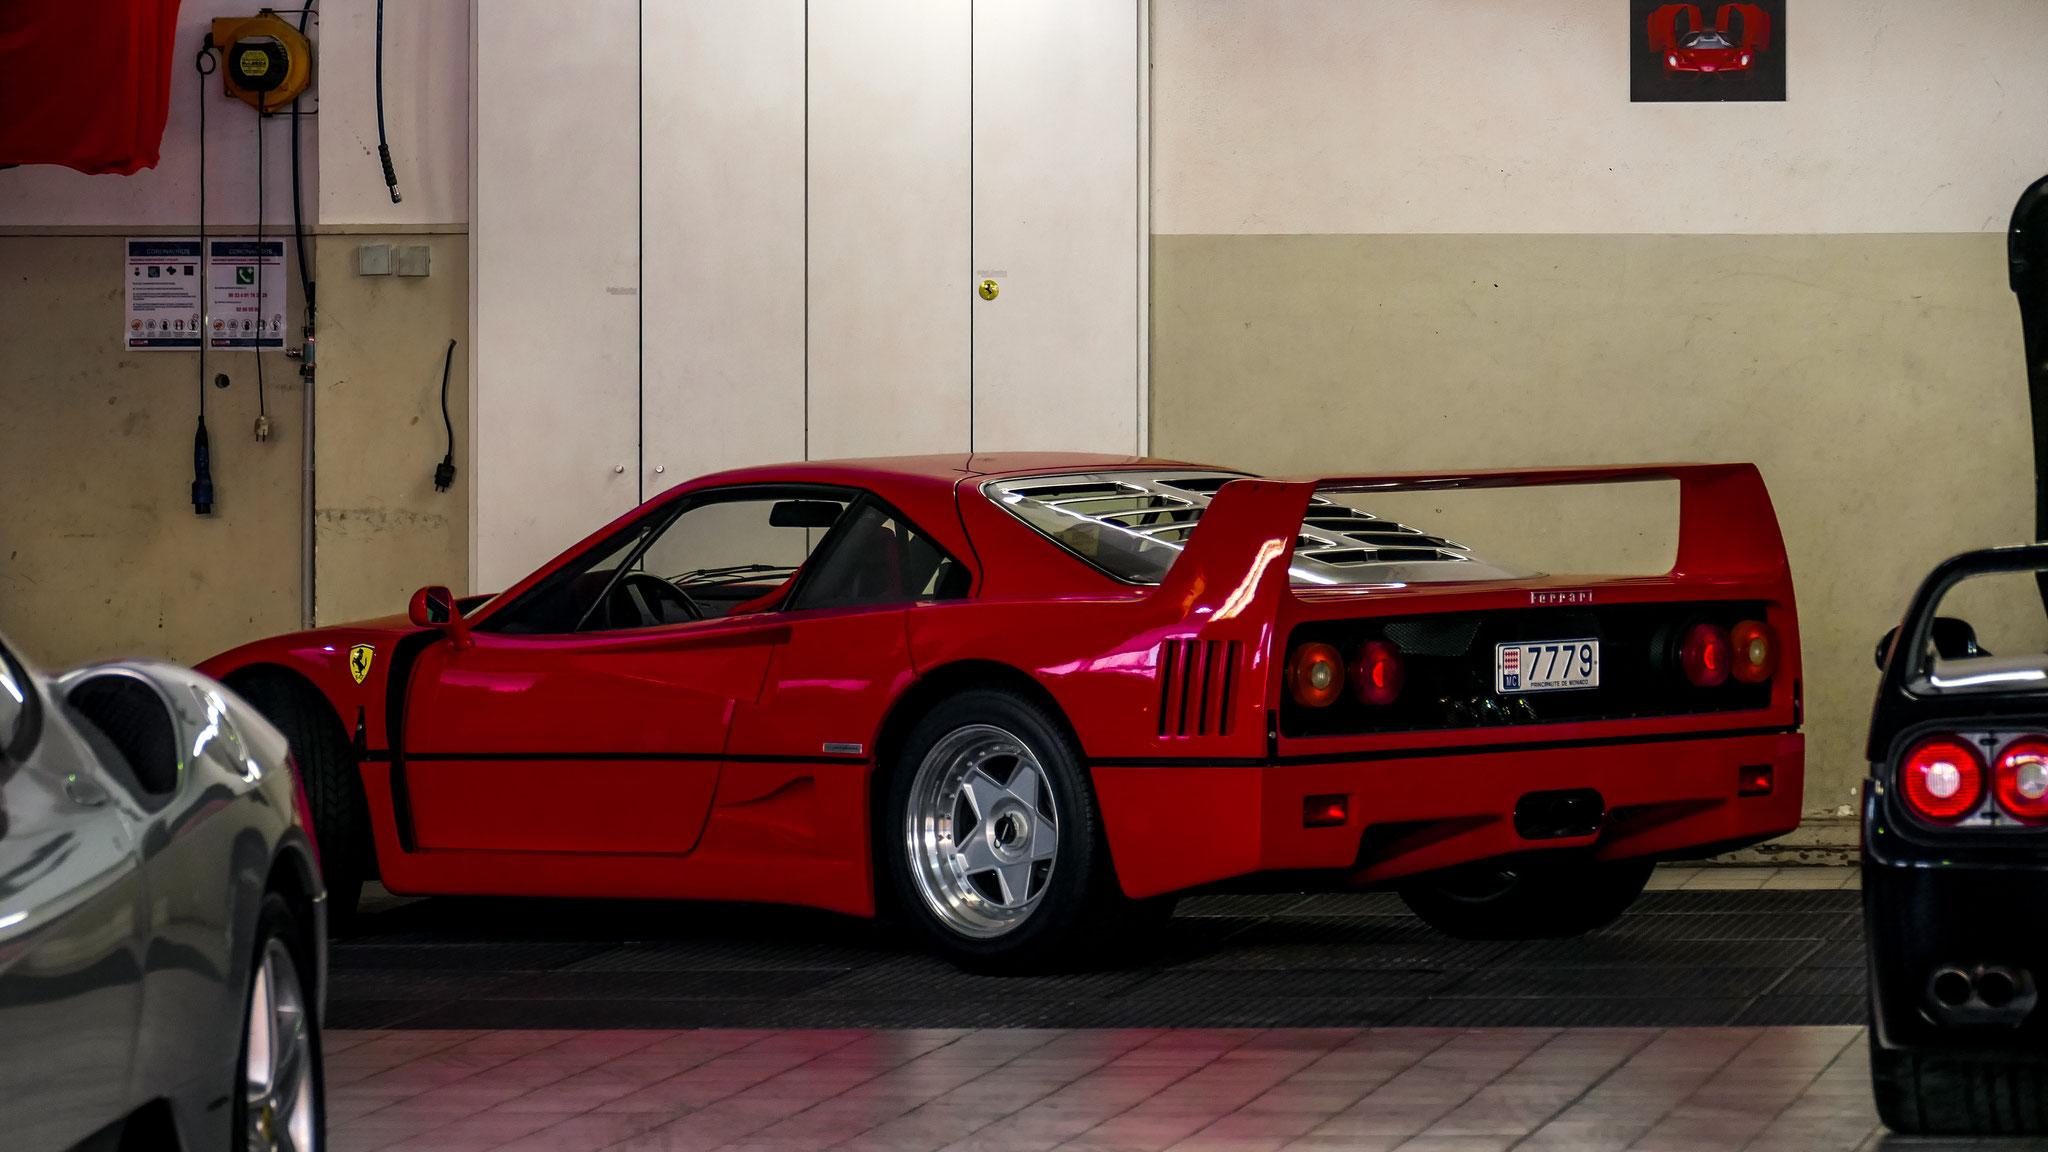 Ferrari F40 - 7779 (MC)